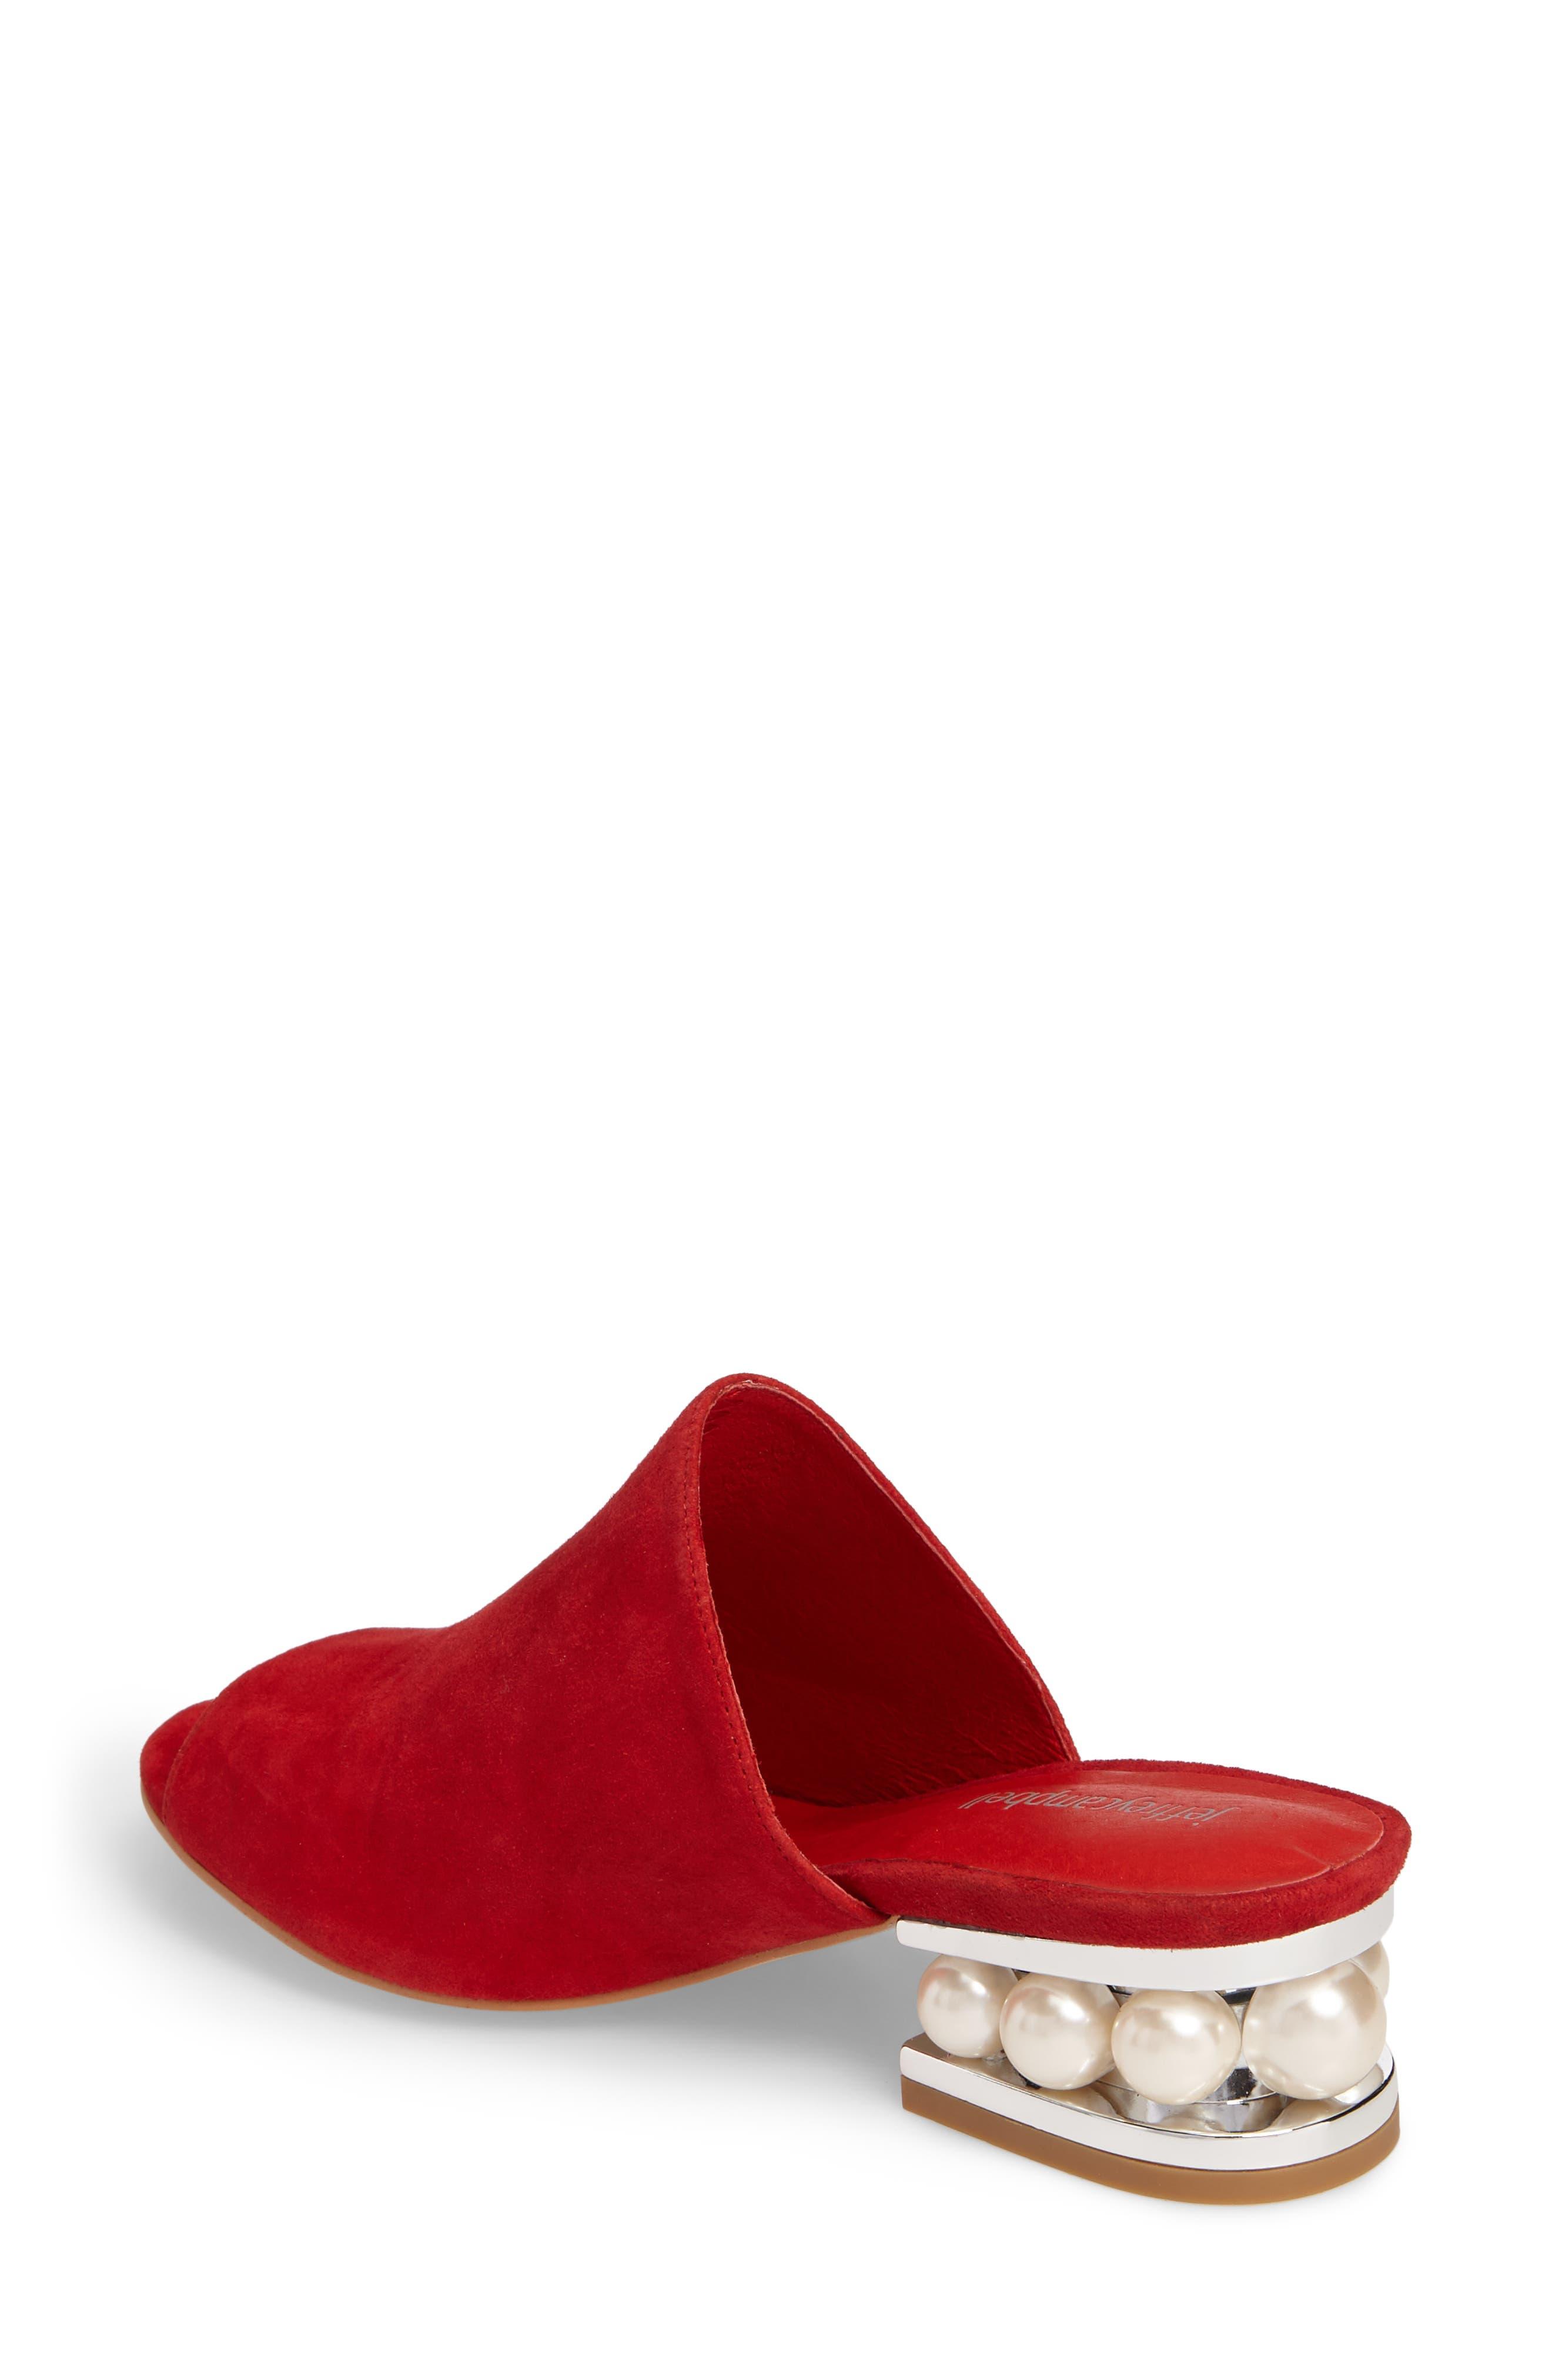 Arcita Slide Sandal,                             Alternate thumbnail 2, color,                             631